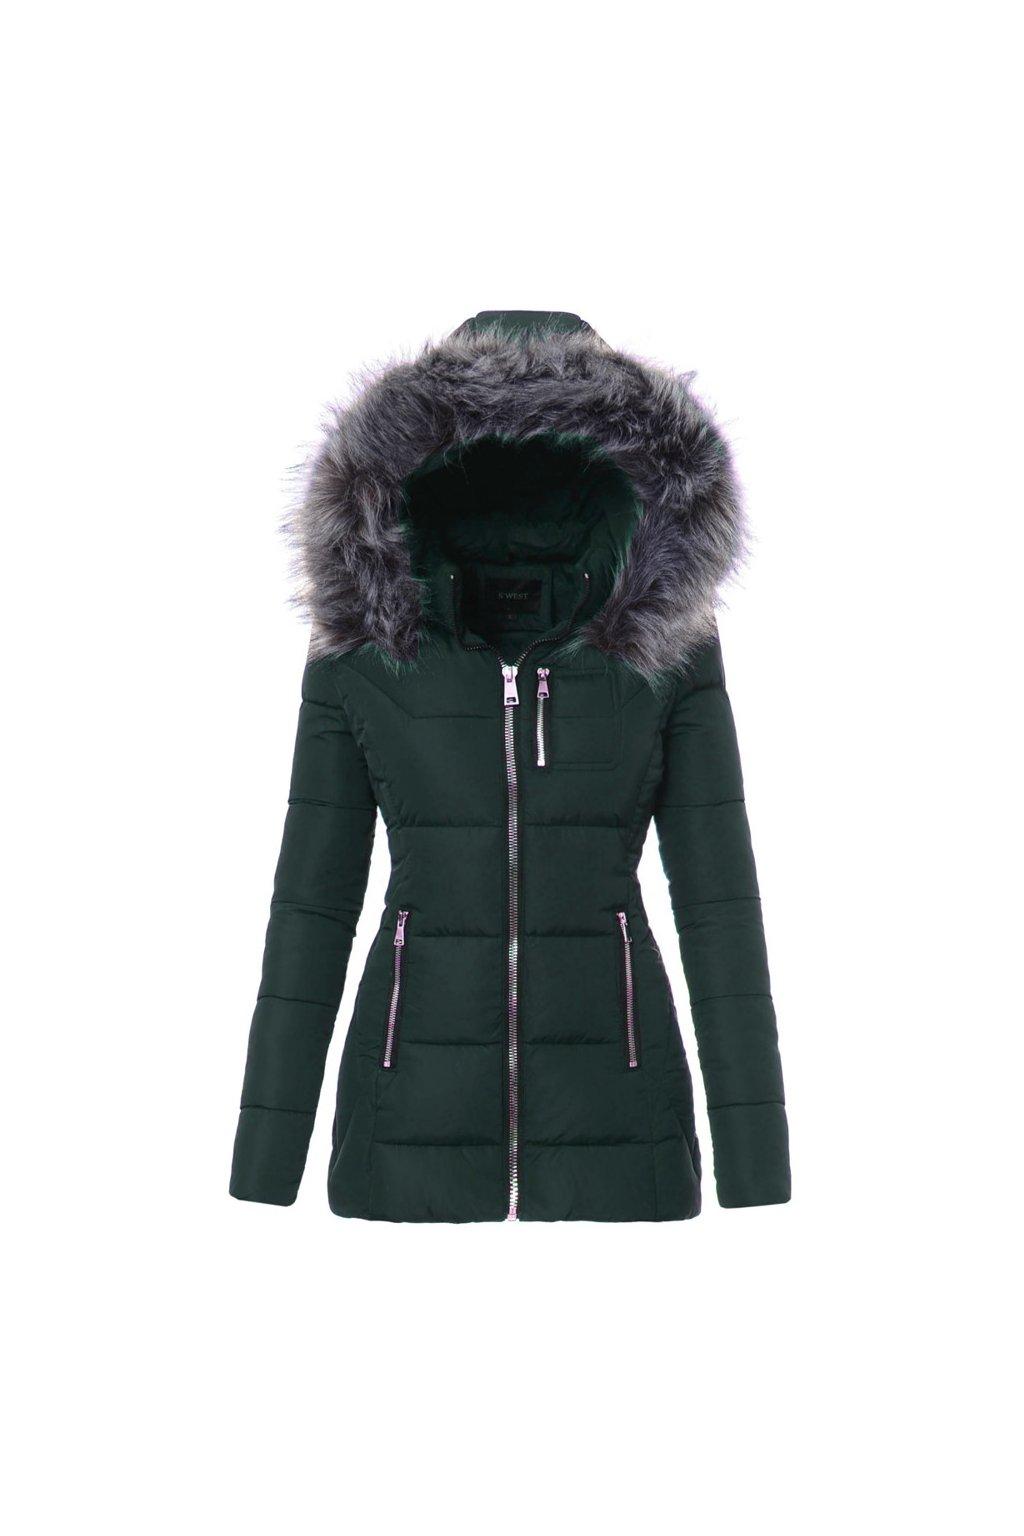 Dámska zimná bunda s kapucňou 3467 zelená